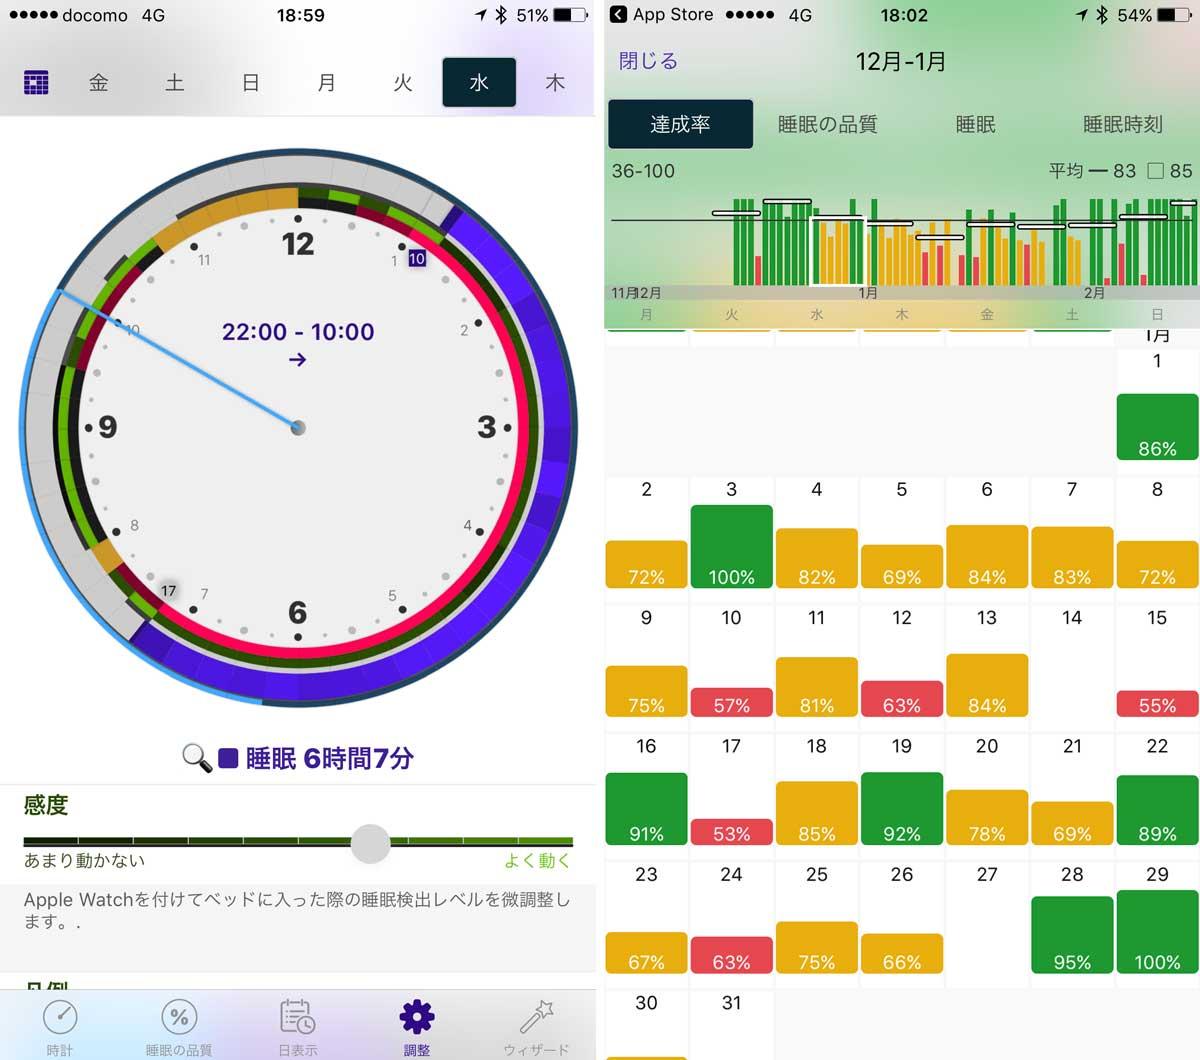 完全自動の睡眠記録アプリ「AutoSleep」が日本語対応!カレンダービューで過去のデータも閲覧可能に